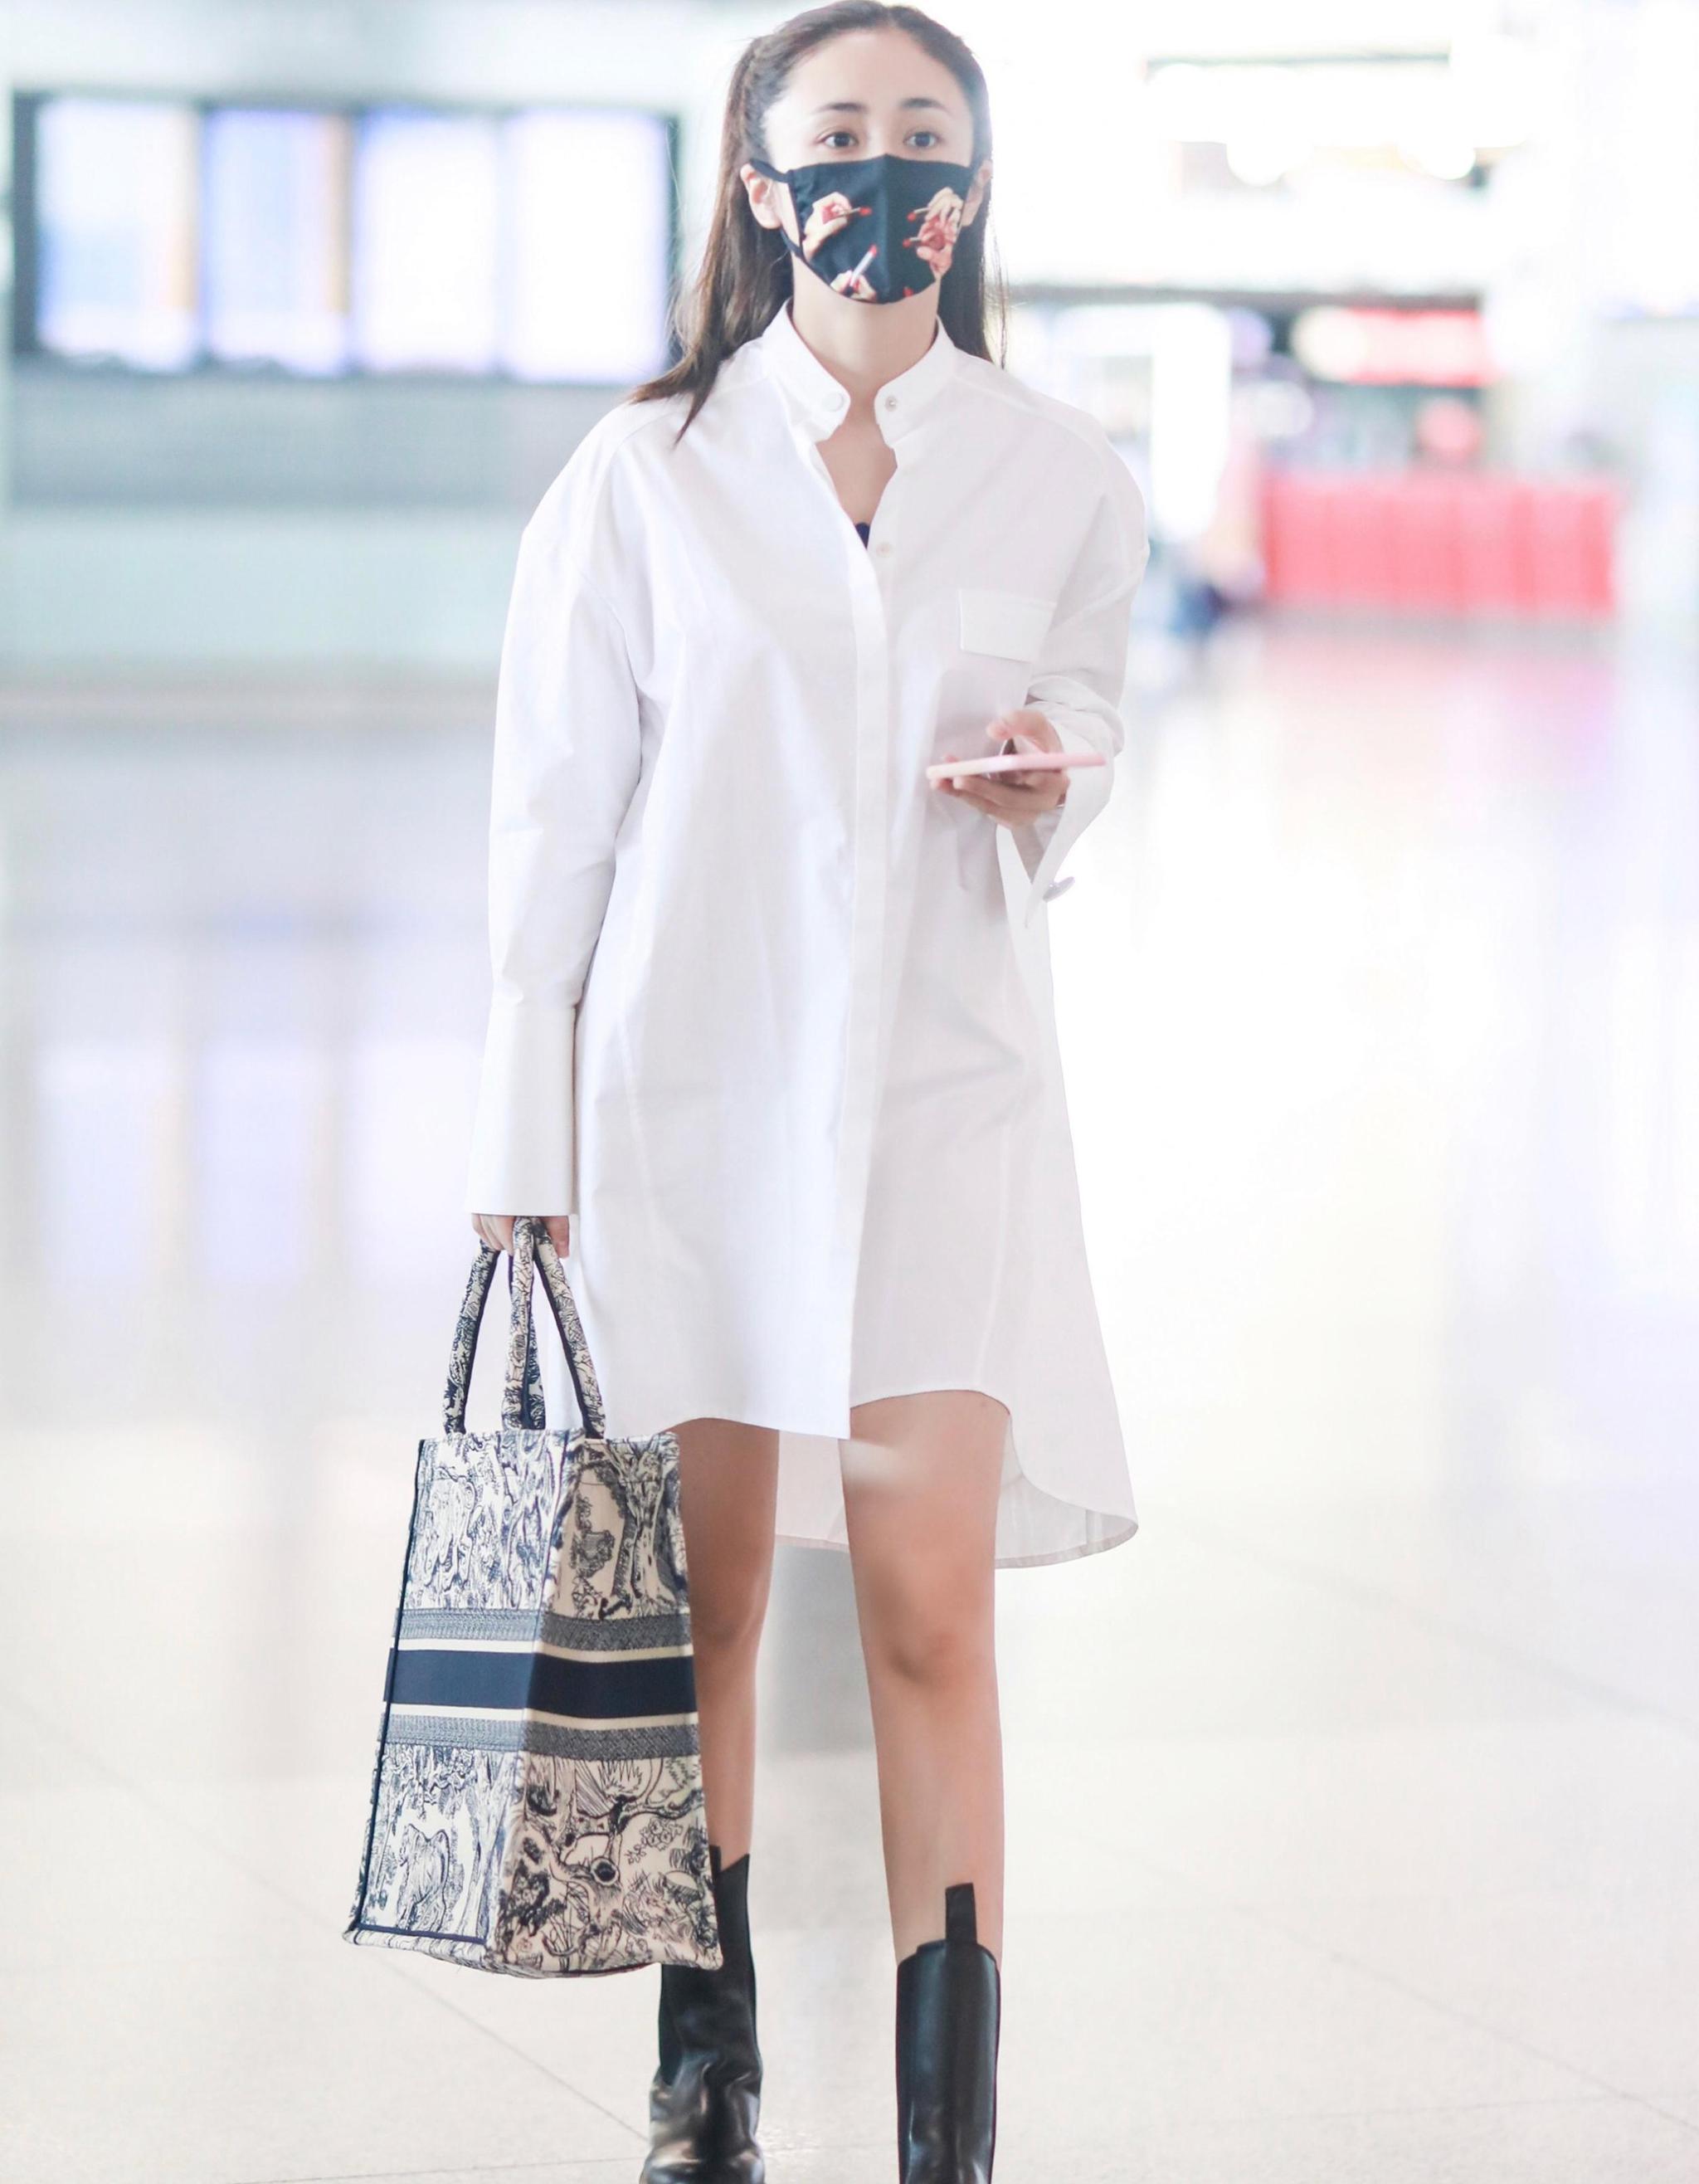 刘芸最新街拍 双马尾造型娇俏可爱女团范十足